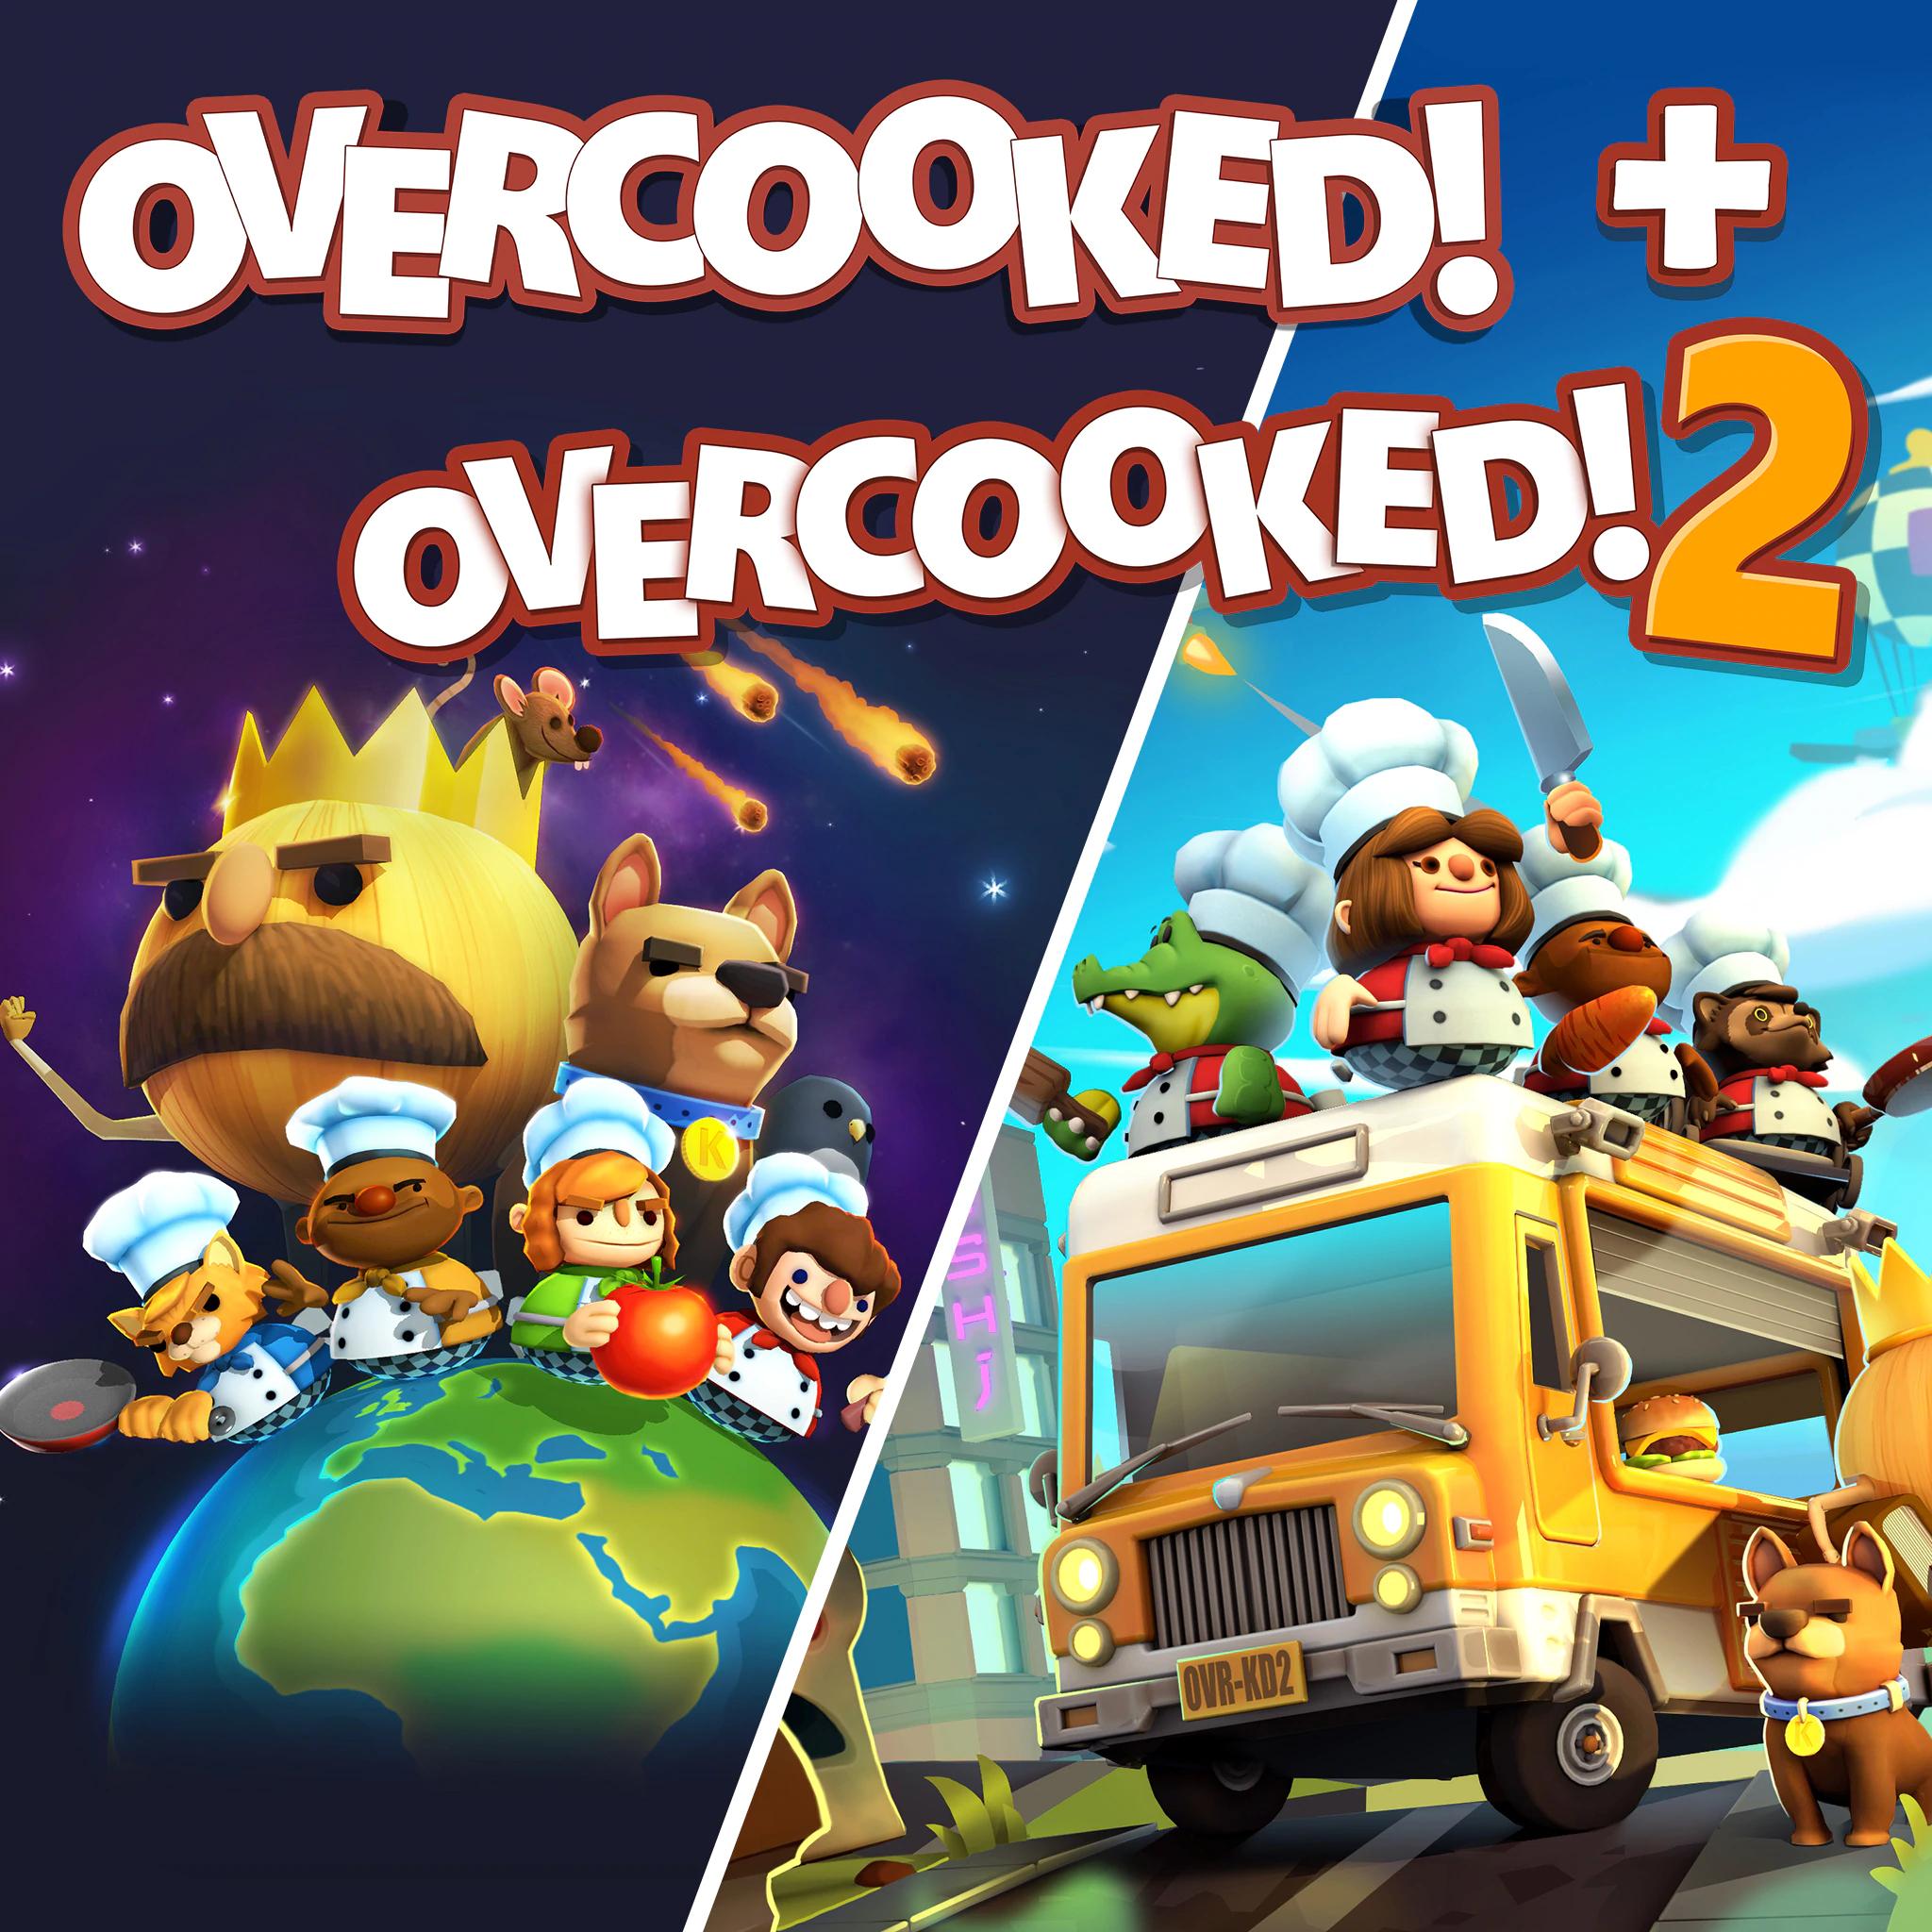 Jeux Overcooked! + Overcooked! 2 sur PS4 - 10,49€ pour les abonnés PS+ (Dématérialisé)